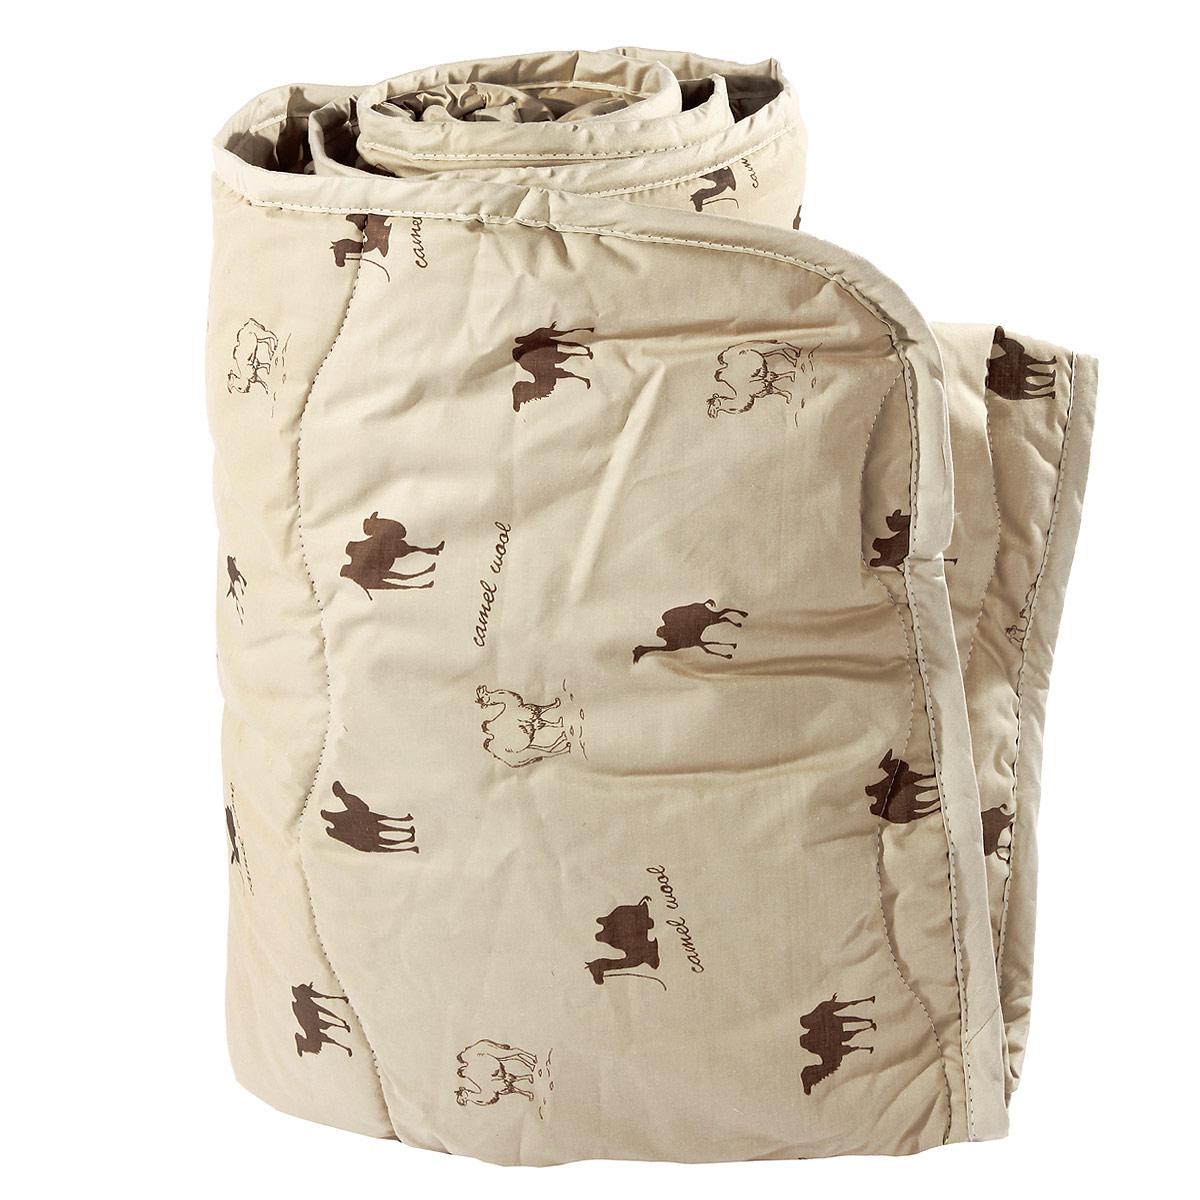 Одеяло Verossa, наполнитель: верблюжья шерсть, 140 см х 205 см531-105Одеяло Verossa представляет собой стеганый чехол из натурального хлопка с наполнителем из верблюжьей шерсти. Наполнитель обладает высокой гигроскопичностью, создавая эффект сухого тепла. Волокна верблюжьей шерсти полые внутри, образуют пласт, содержащий множество воздушных кармашков, которые равномерно сохраняют и распределяют тепло, обеспечивая естественную терморегуляцию в жару и холод. Верблюжья шерсть обладает рядом уникальных лечебных свойств, благодаря которым расширяются сосуды, усиливается микроциркуляция крови. Шерсть снимает статическое напряжение, благоприятно воздействует на опорно-двигательный аппарат. Одеяло, выстеганное оригинальным узором Барханы, украсит ваш дом и подарит наслаждение от отдыха.Одеяло упаковано в прозрачный пластиковый чехол на змейке с ручкой, что является чрезвычайно удобным при переноске. Характеристики:Материал чехла: перкаль (100% хлопок). Наполнитель: верблюжья шерсть. Масса наполнителя: 300 г/м2. Размер одеяла: 140 см х 205 см. Размер упаковки:60 см x 15 см x 45 см. Артикул: 170268.